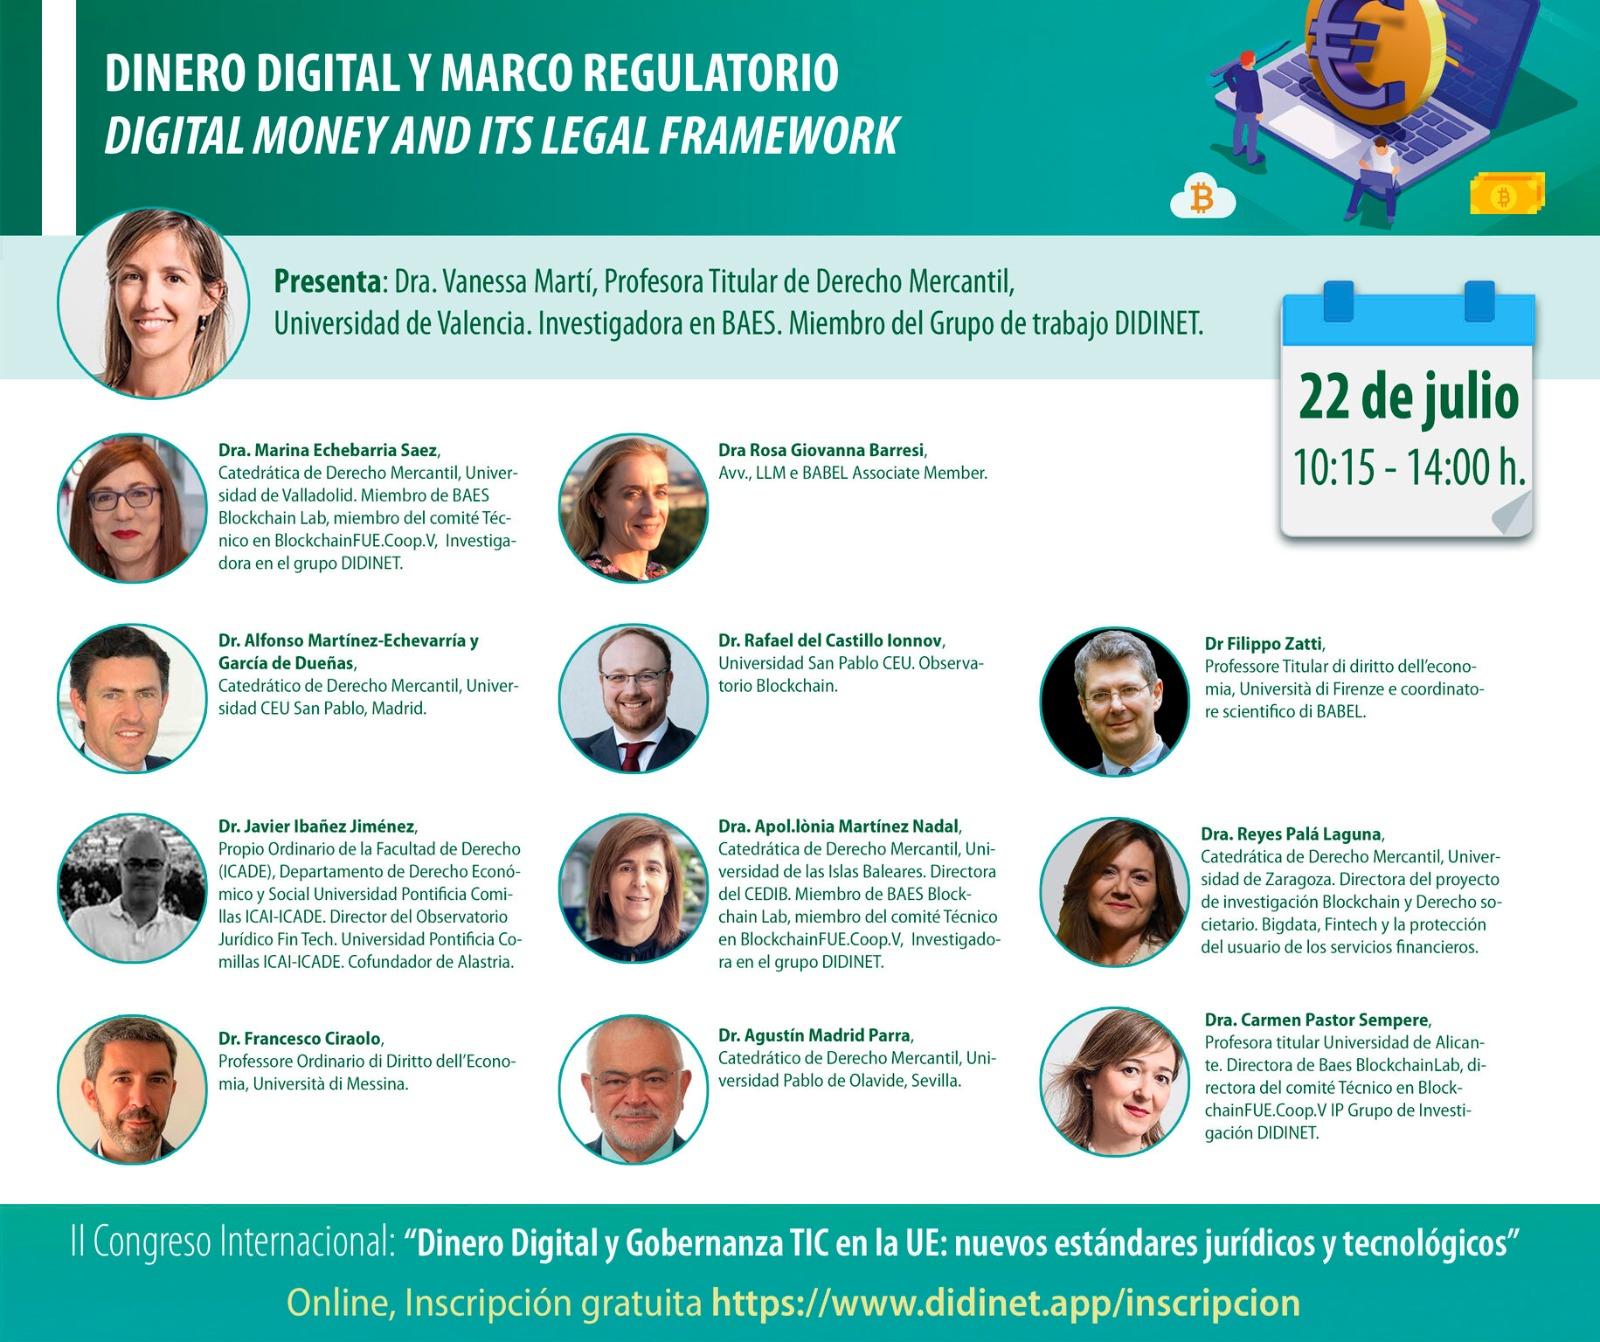 """II Congreso Internacional """"Dinero Digital y Gobernanza TIC la UE: nuevos estándares jurídicos y tecnológicos"""""""